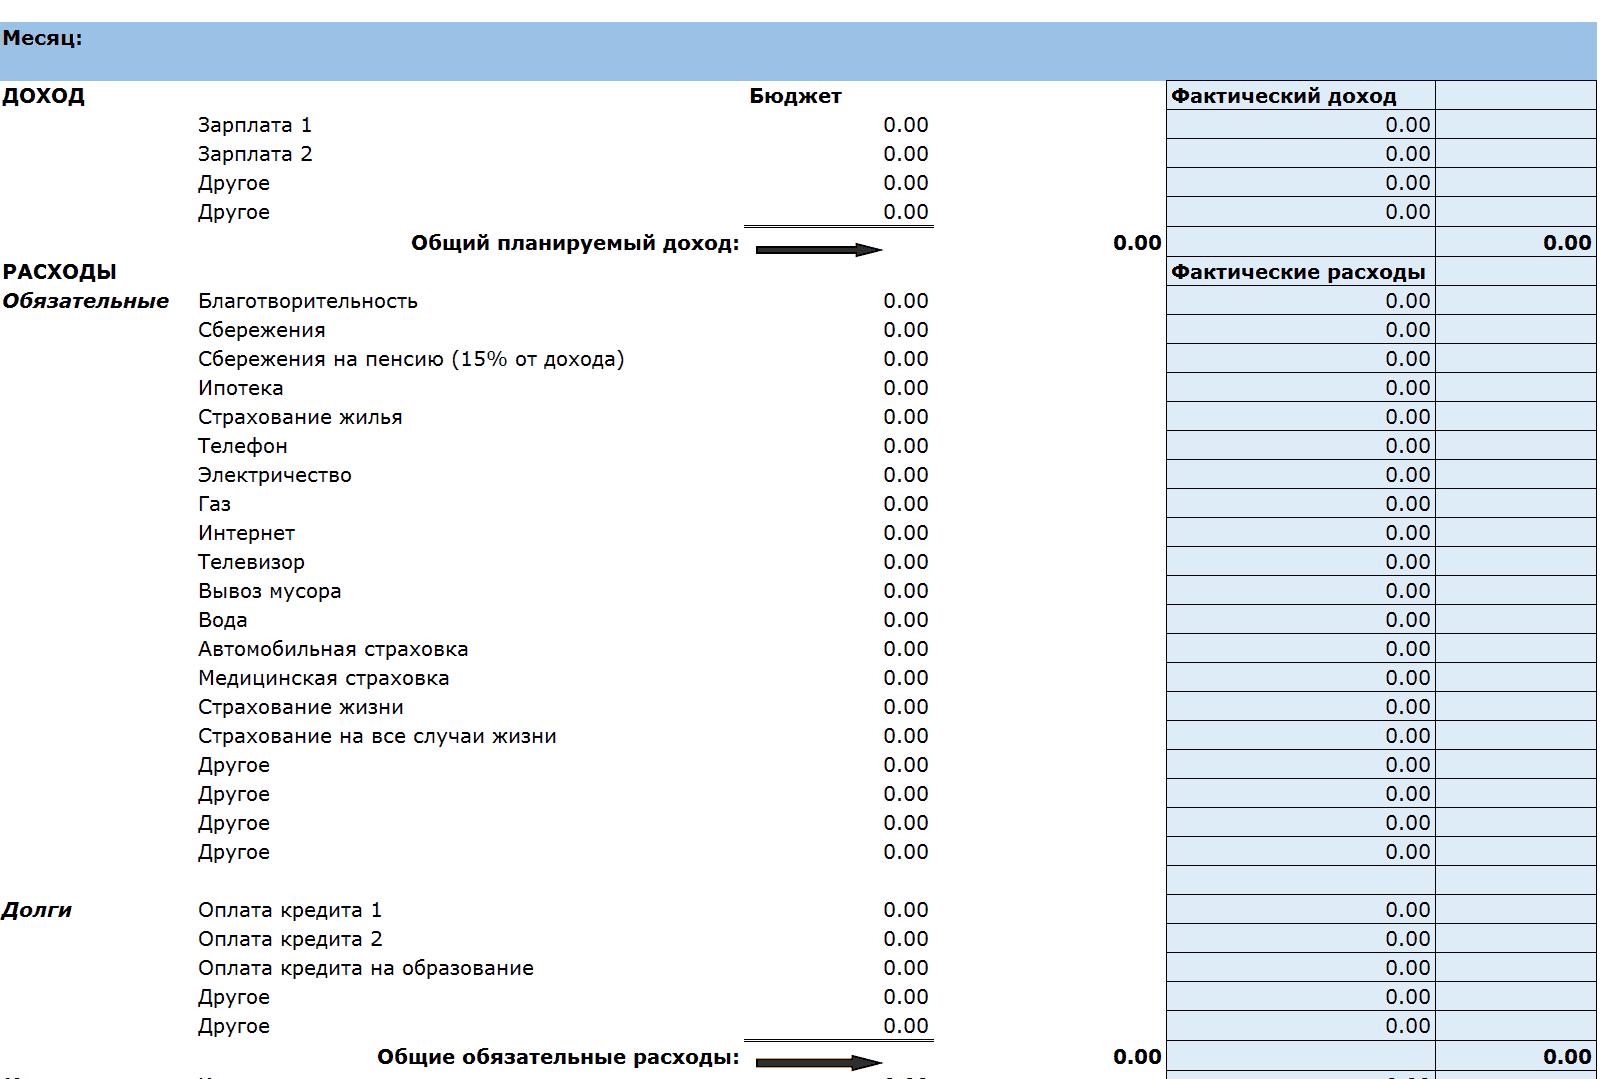 Бюджет доходов и расходов схема фото 819